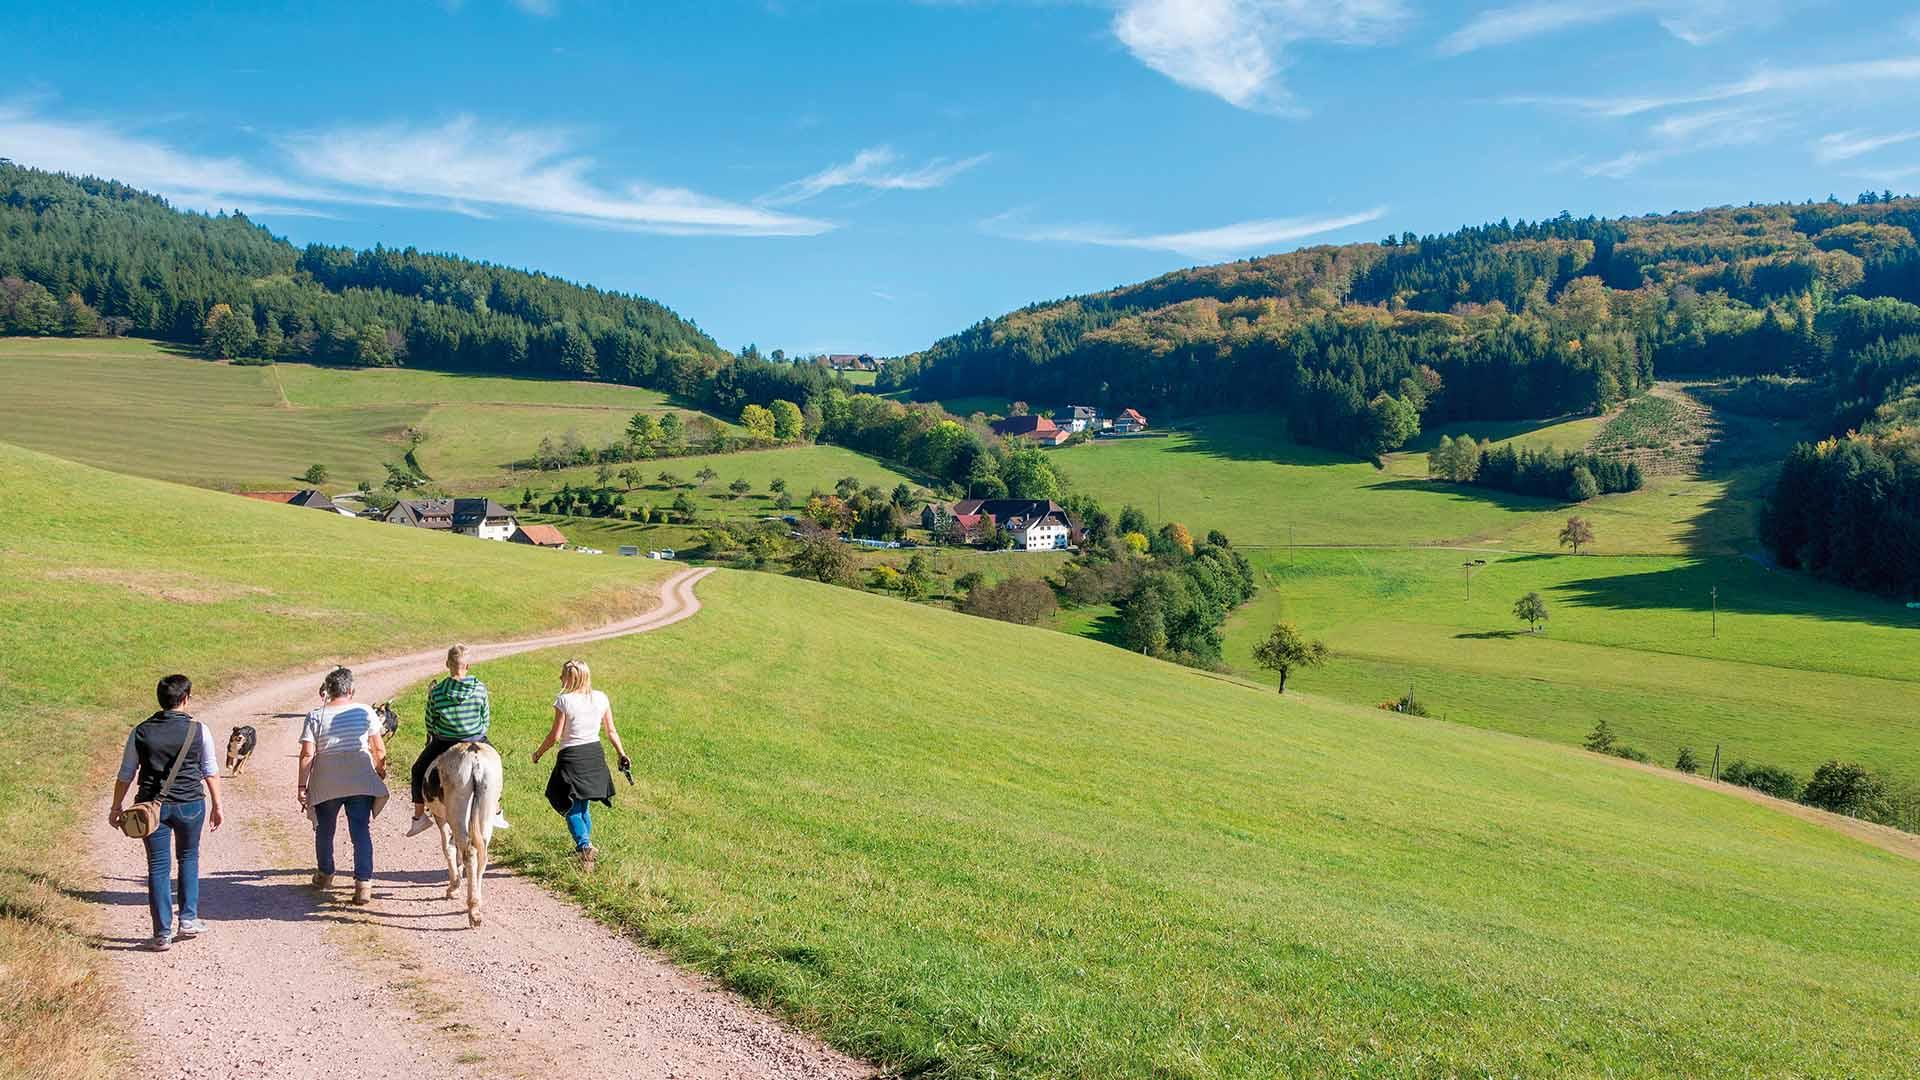 Ferienhaus am Schönwasen - Wandern in der Natur